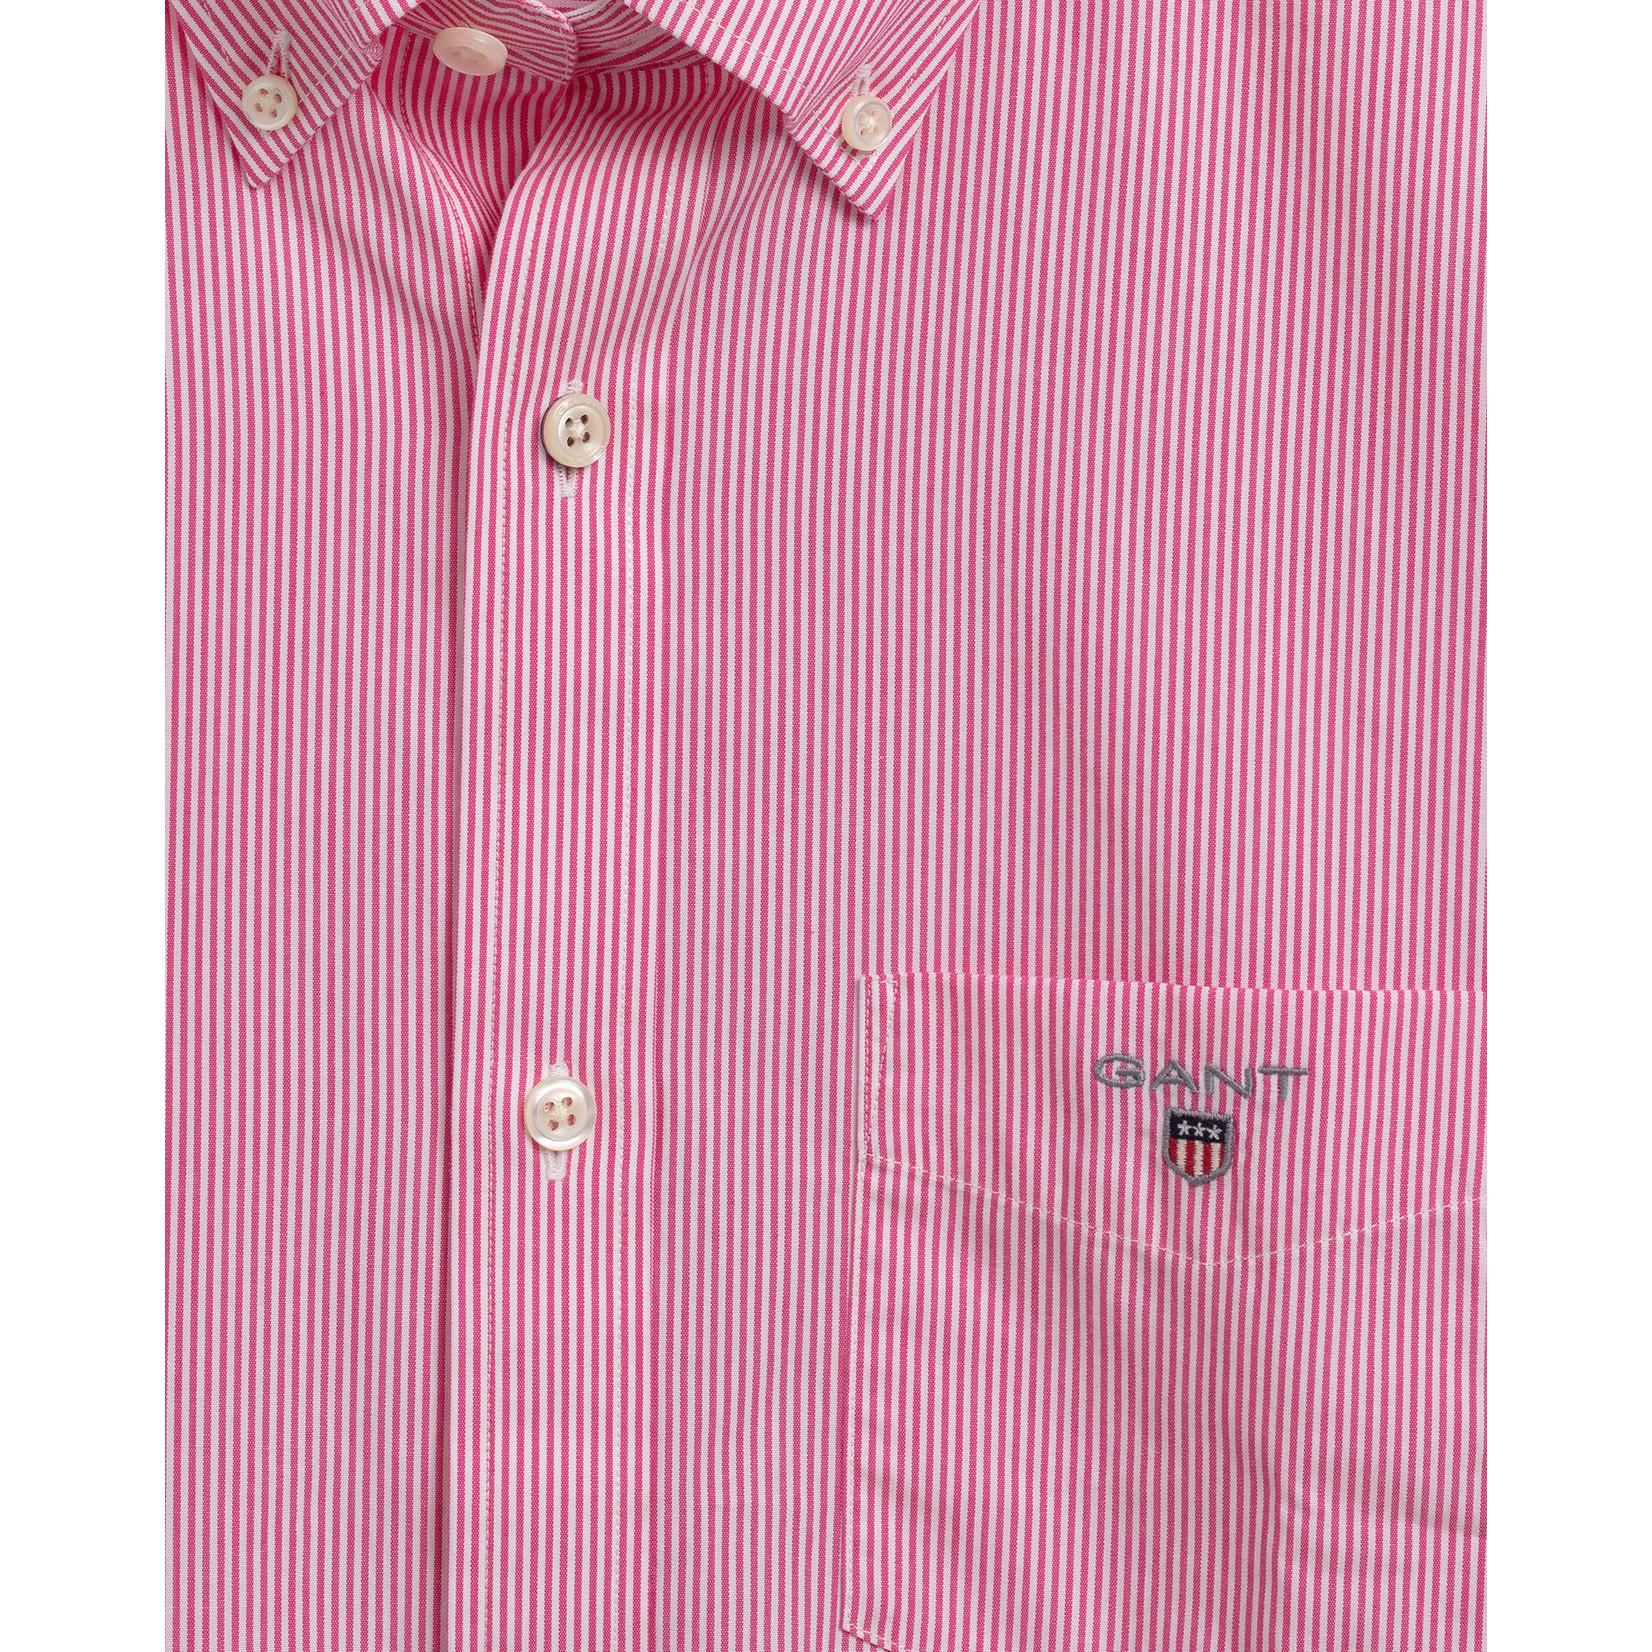 GANT overhemd korte mouw roze